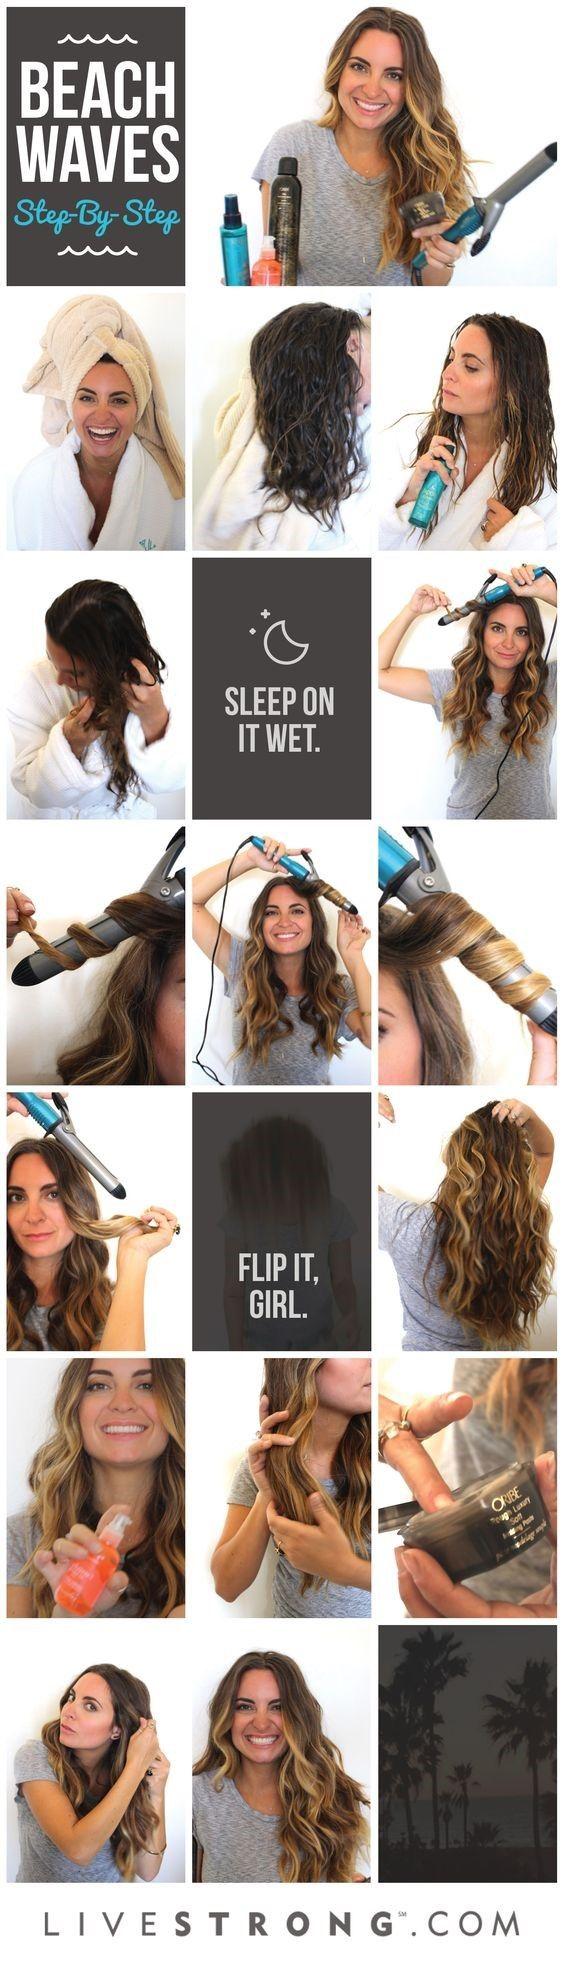 Tipps für einfache und schnelle Frisuren Um jeden Tag die perfekte Frisur zu haben, solltest du einige Tipps und Tricks kennen, die dir dein Leben einfacher machen. Meistens haben wir nicht viel Zeit und trotzdem große Ansprüche